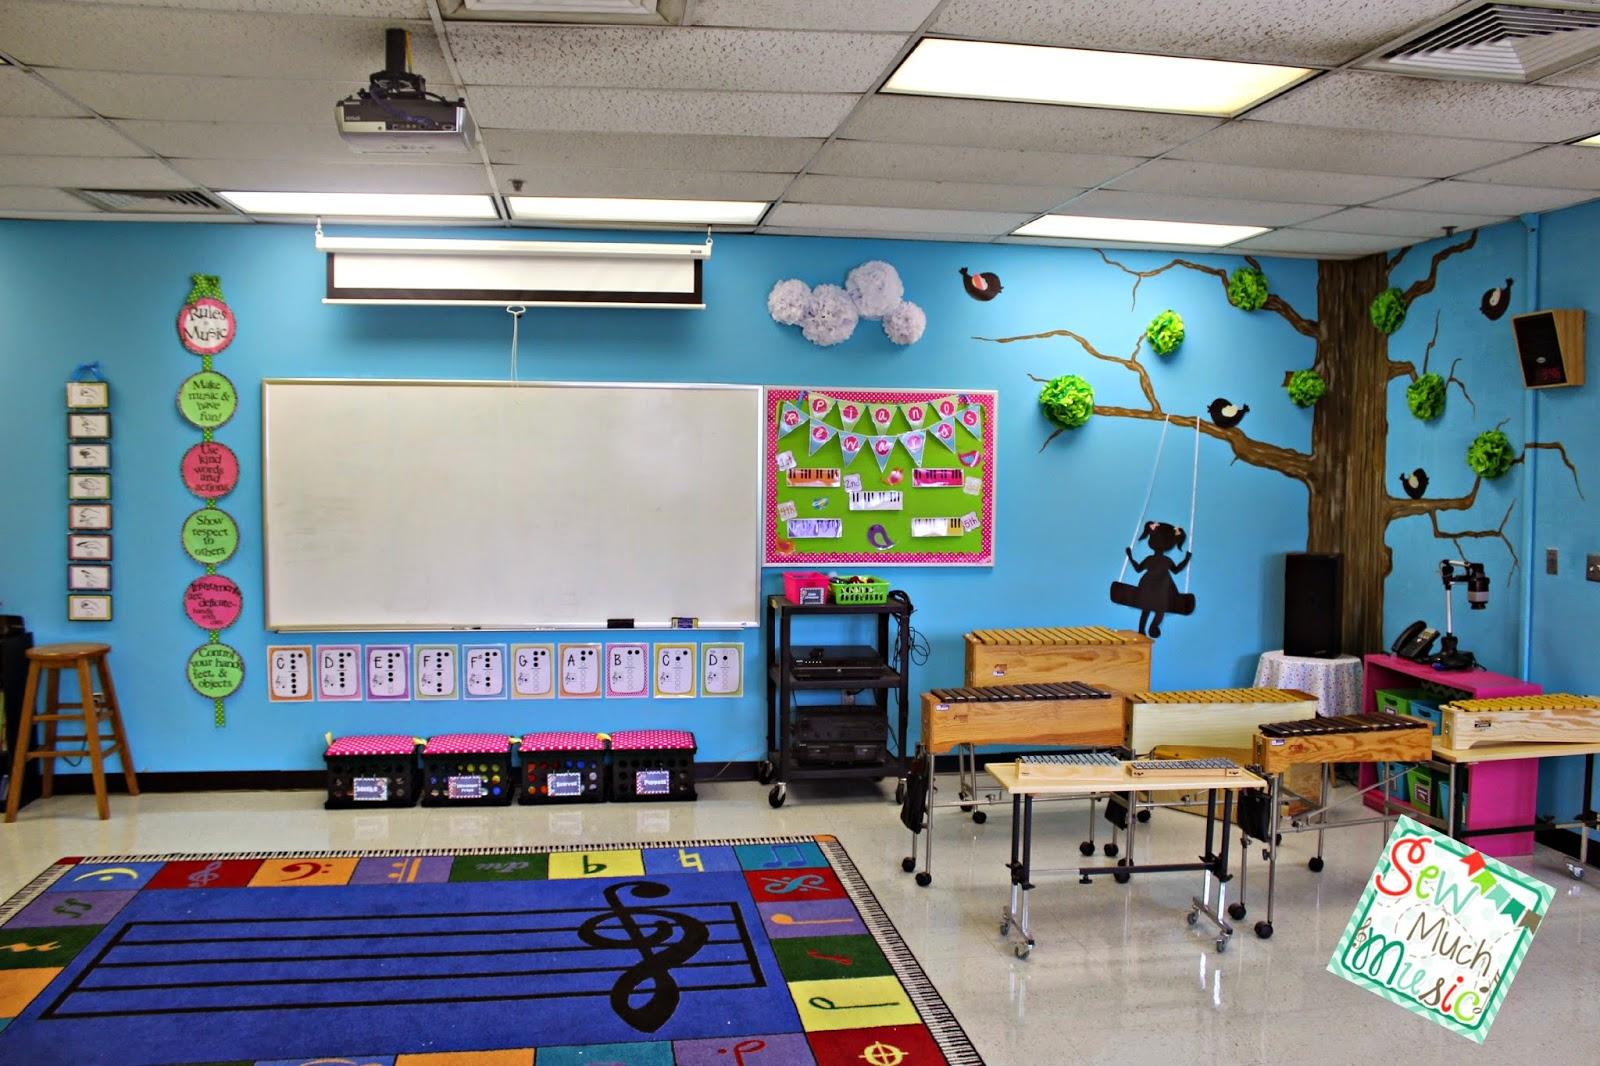 Elementary Classroom Setup : Elementary art classroom setup imgkid the